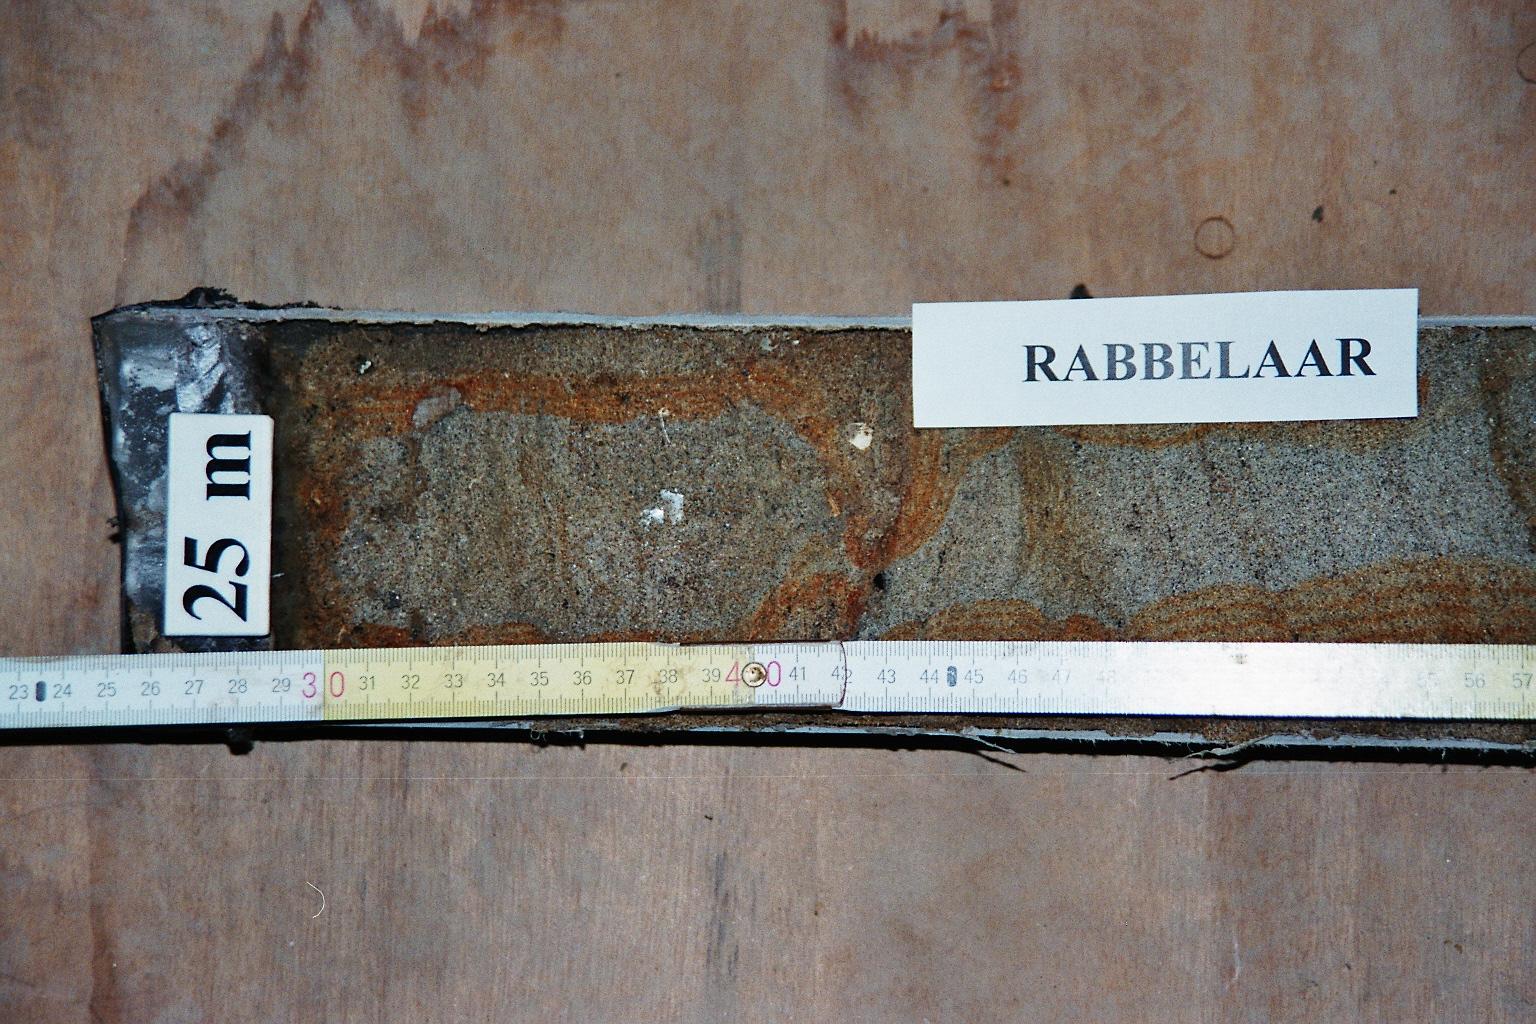 036w0172-rabbelaar-large24.jpg